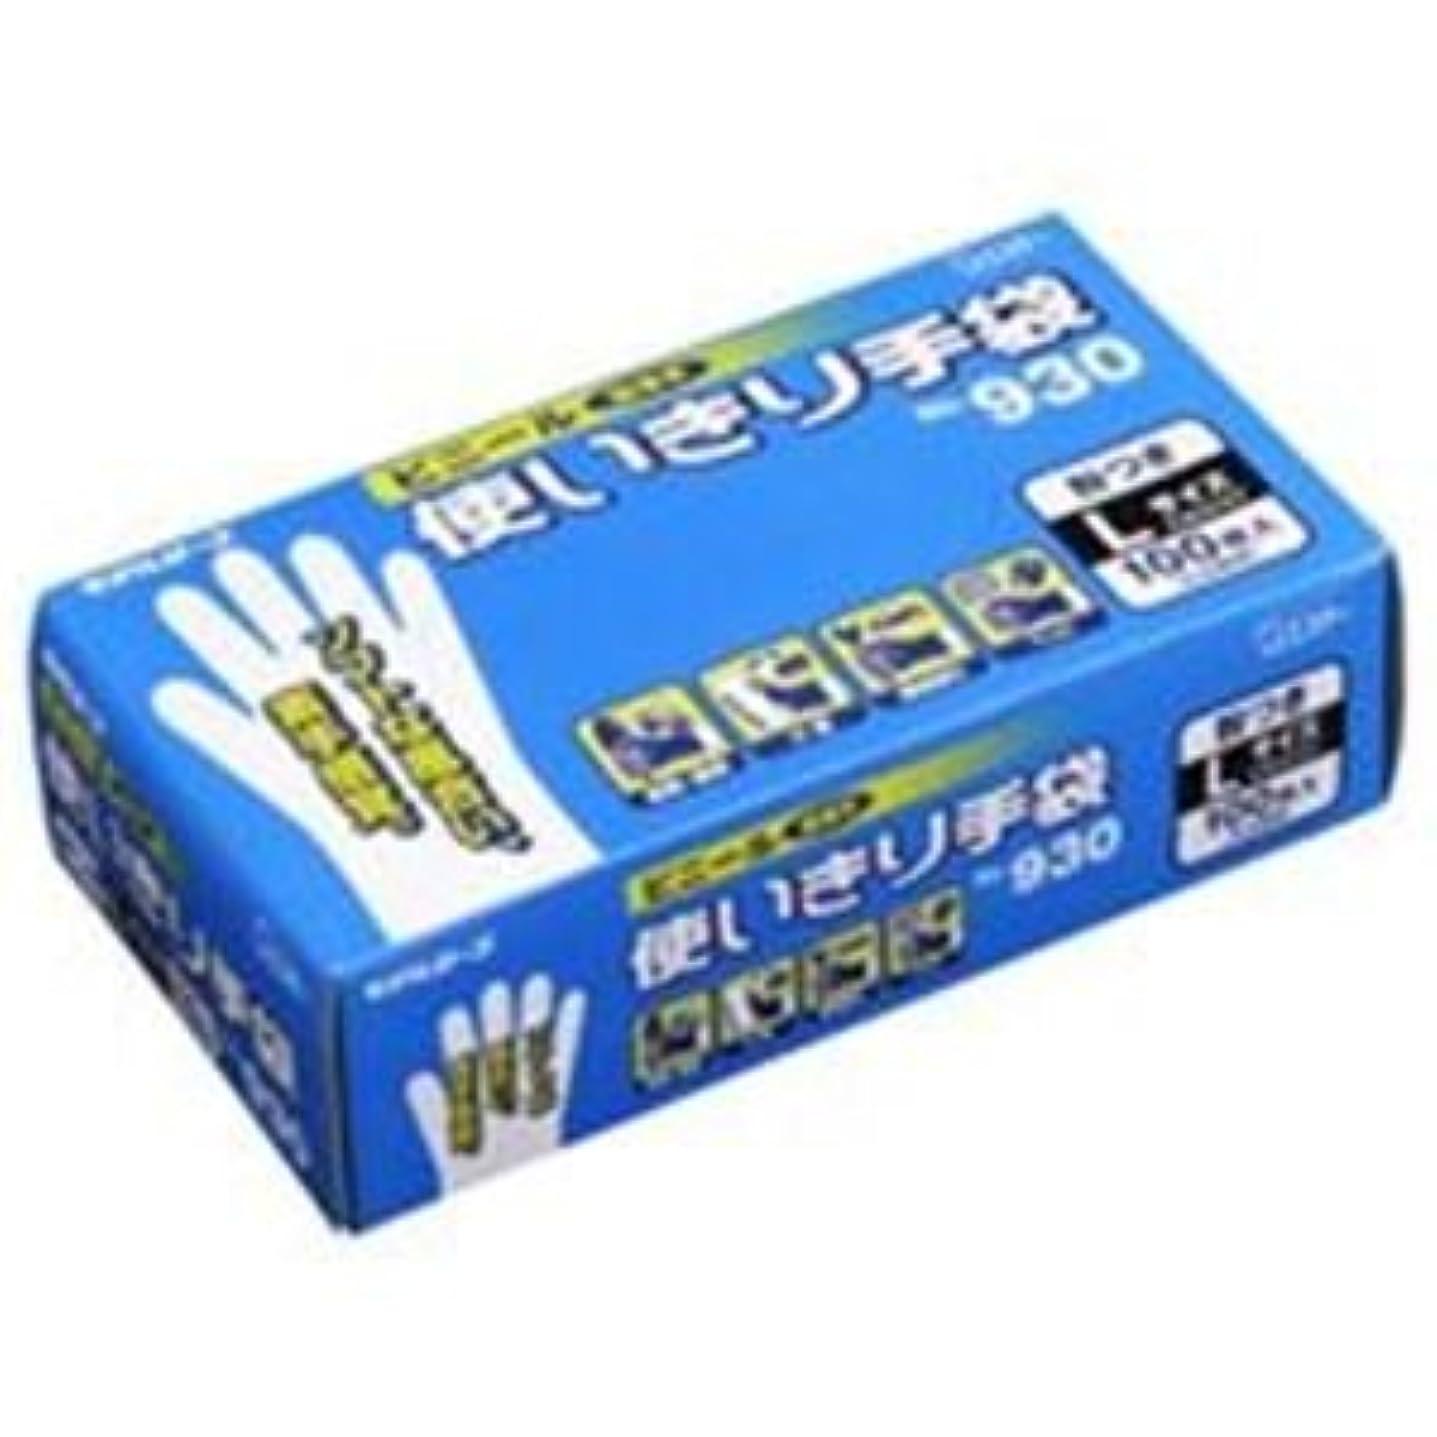 化学させる肯定的インテリア 日用雑貨 掃除用品 (業務用30セット) ビニール使い切り No.930 L 1箱